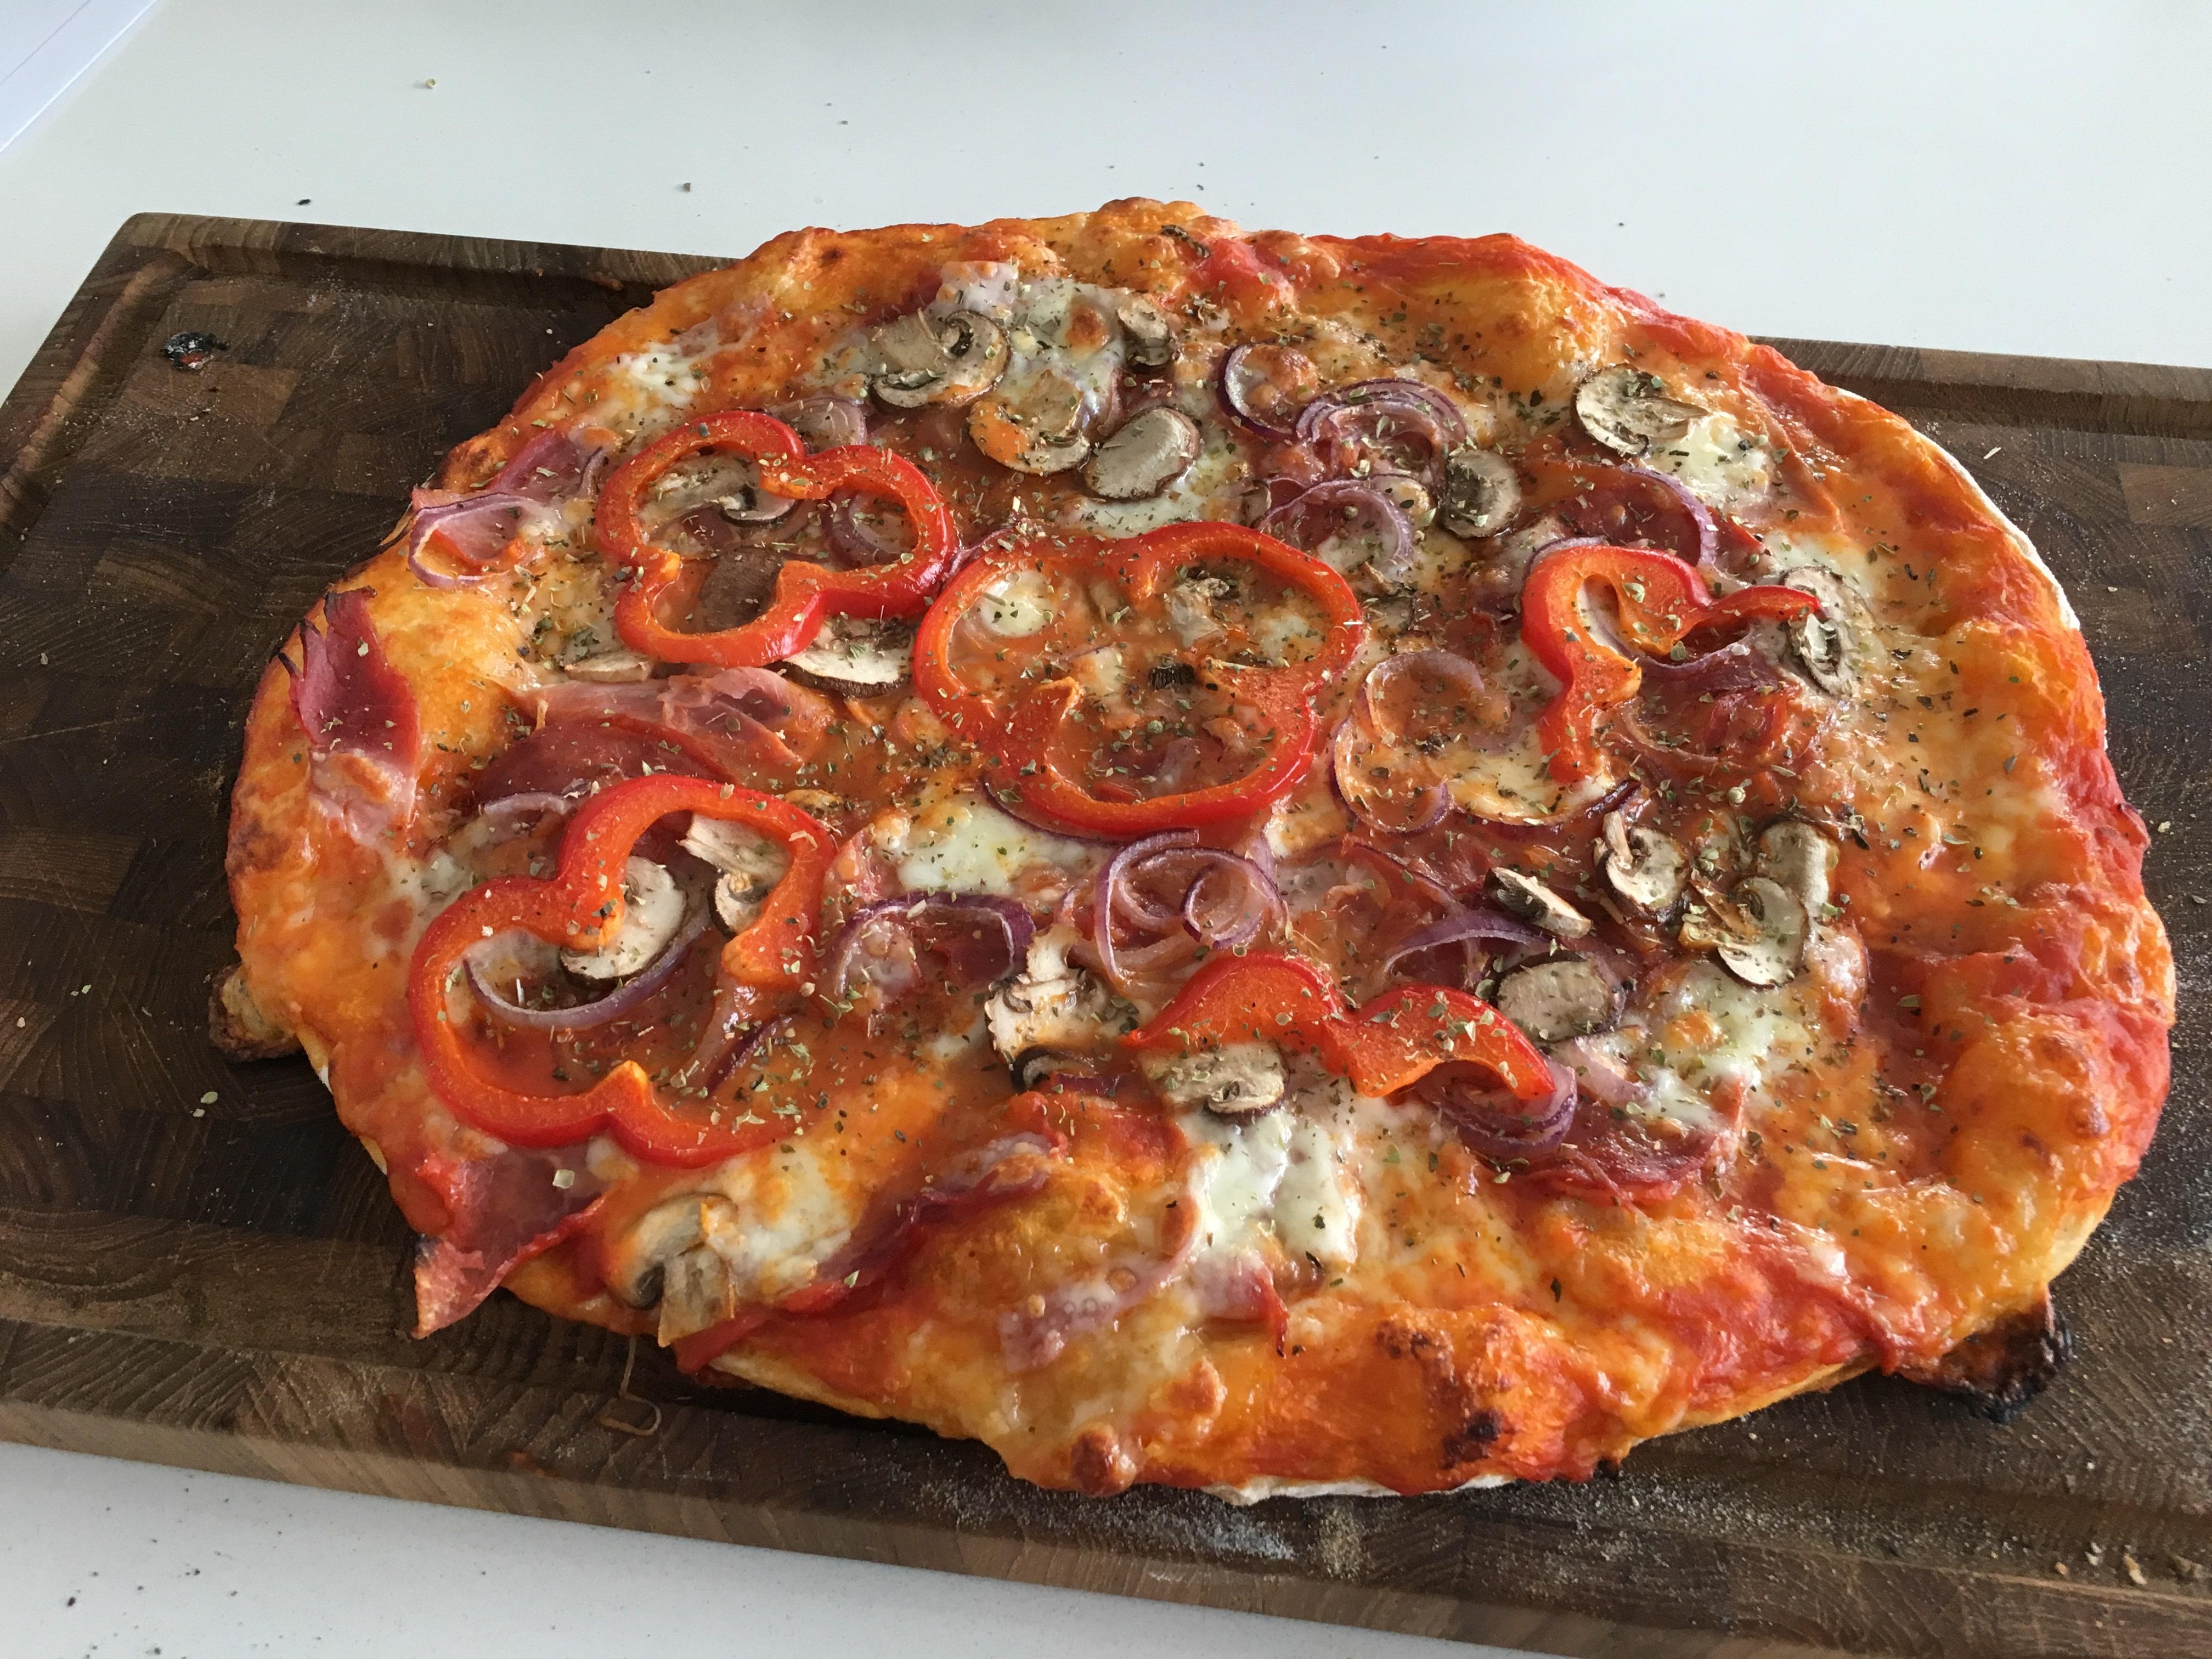 bedste pizza dej pizzadej sprød pizzabund sådan laver du italiensk pizzabund, der er super lækker god opskrift på pizzadej